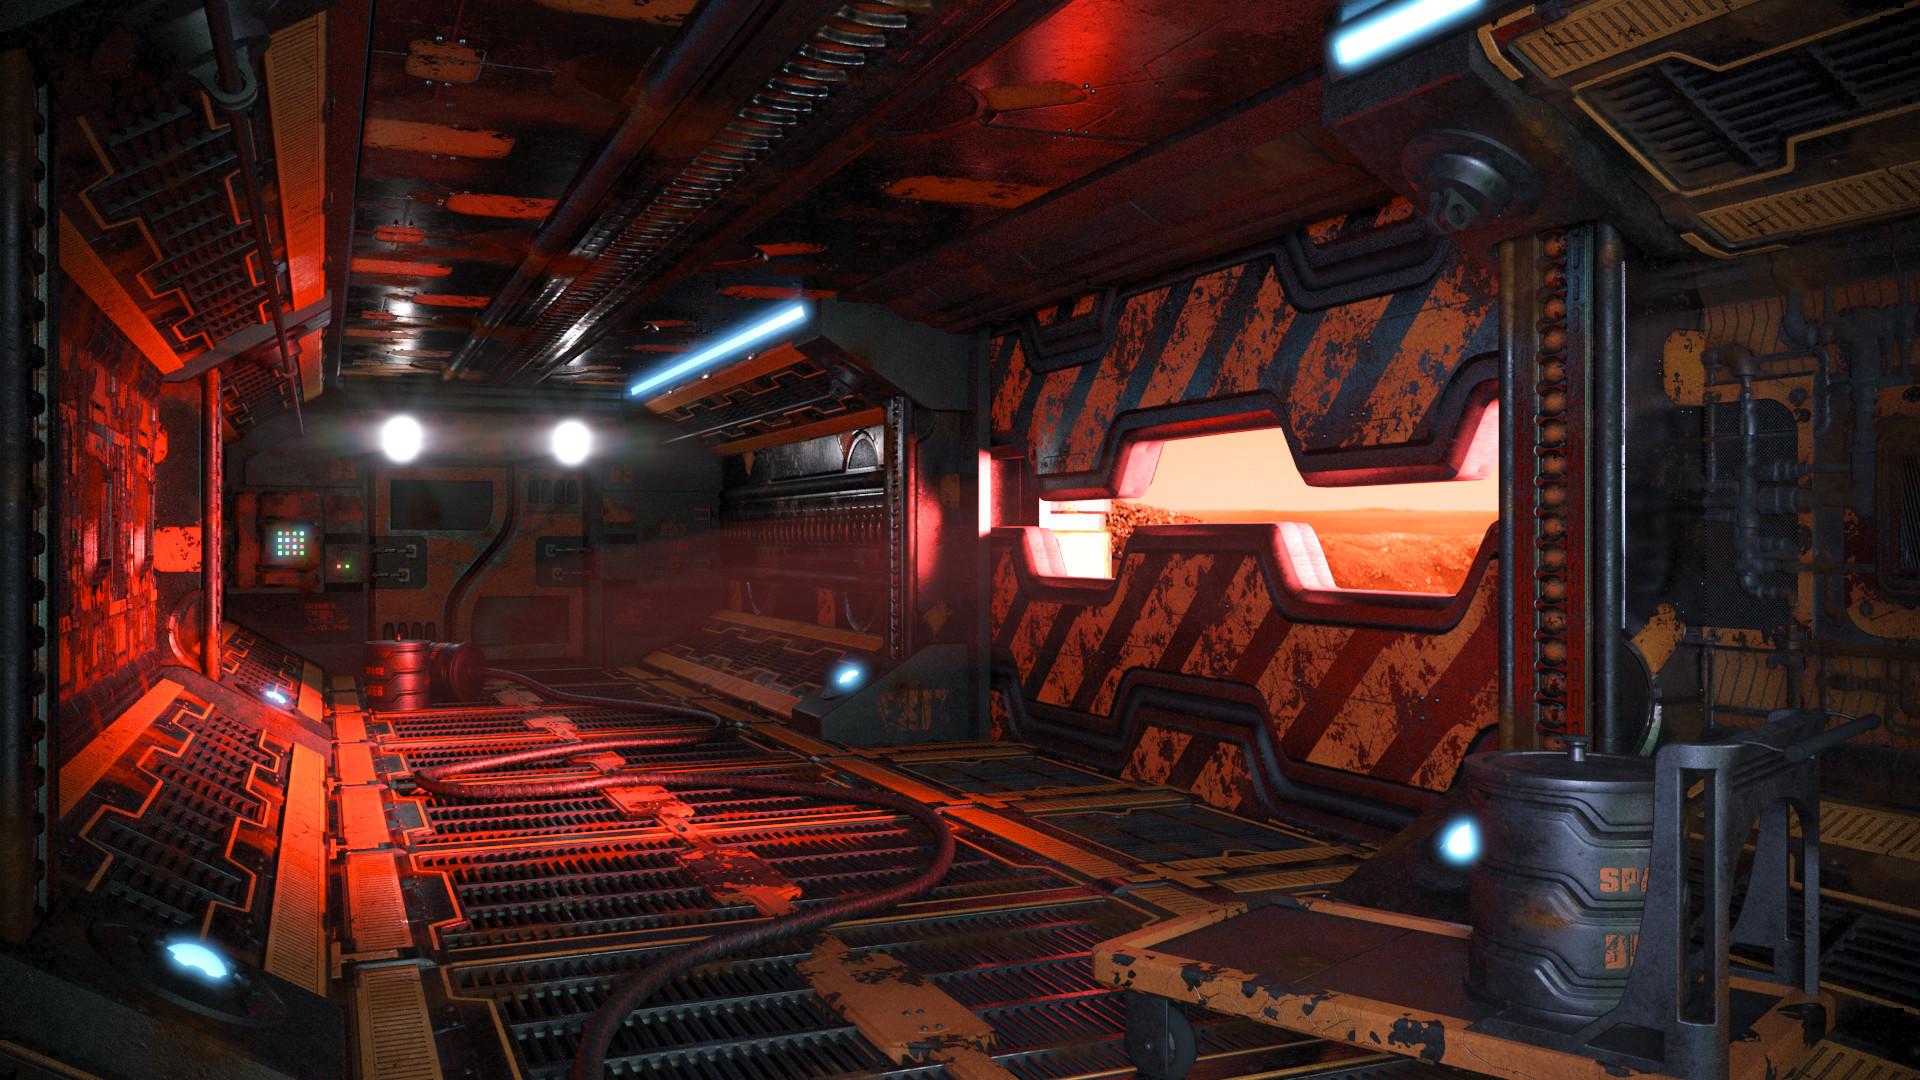 V-ray render, Red variant